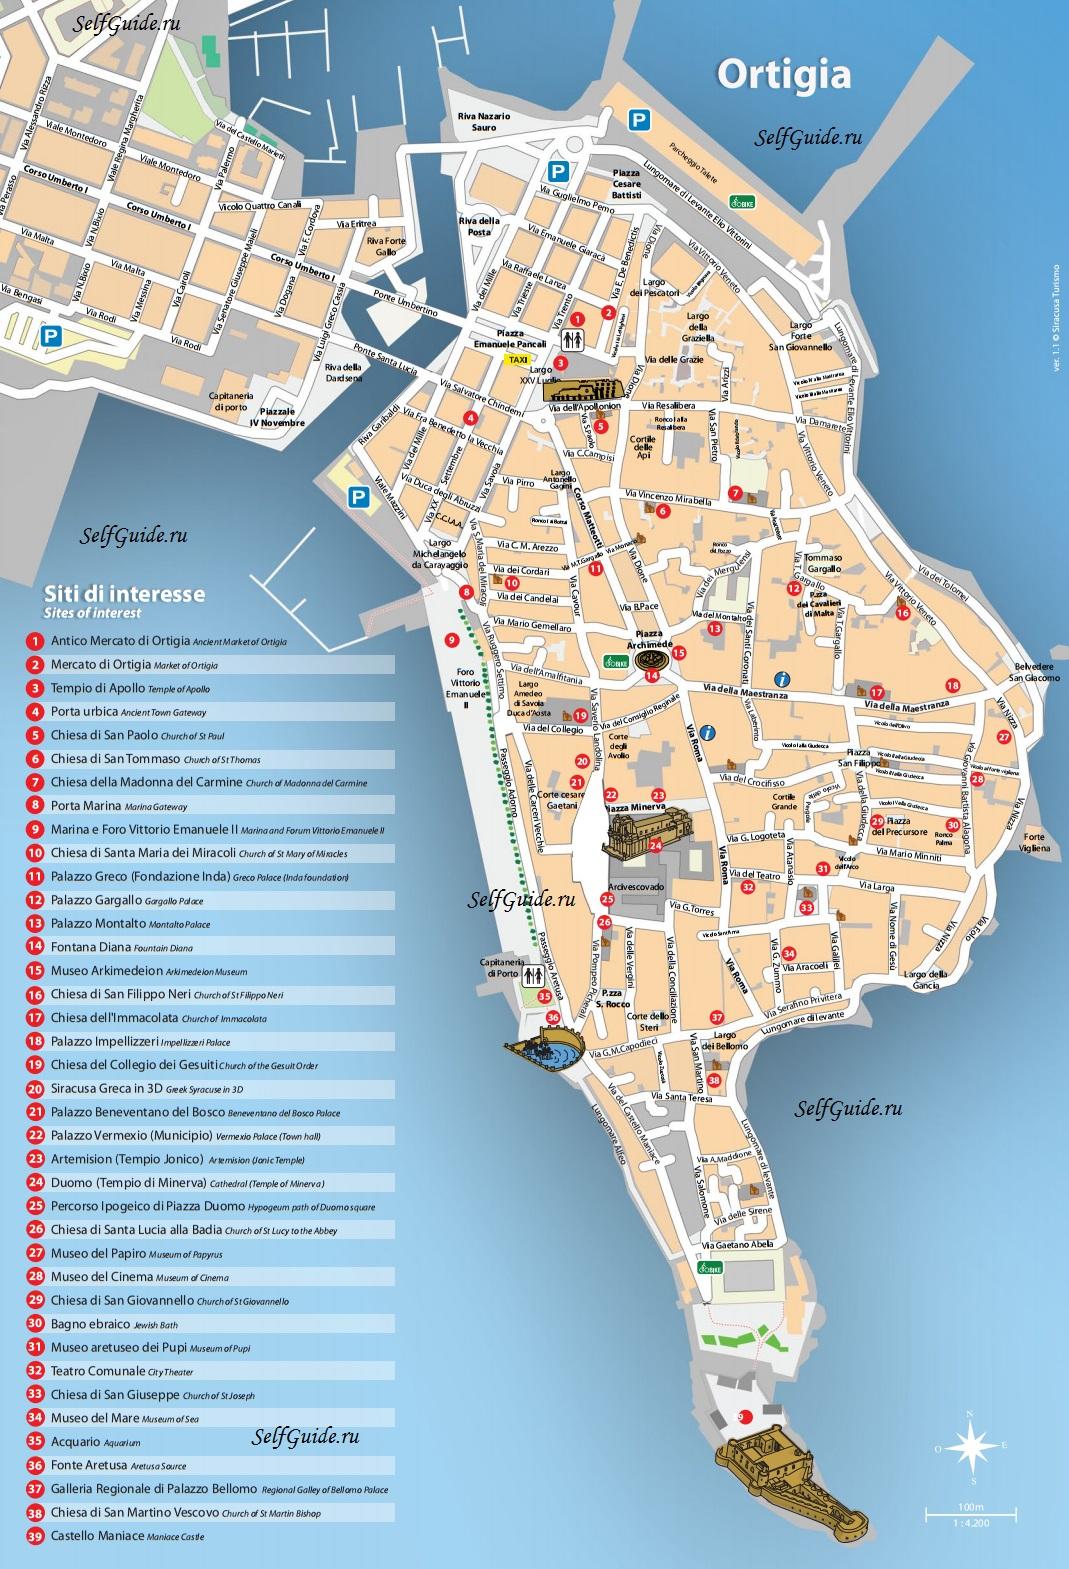 siracusa-map-ortigia Сиракузы (Siracusa), Сицилия, Италия - достопримечательности, карта города, туристический маршрут. Путеводитель по городу, Сицилии и Италии. Что посмотреть